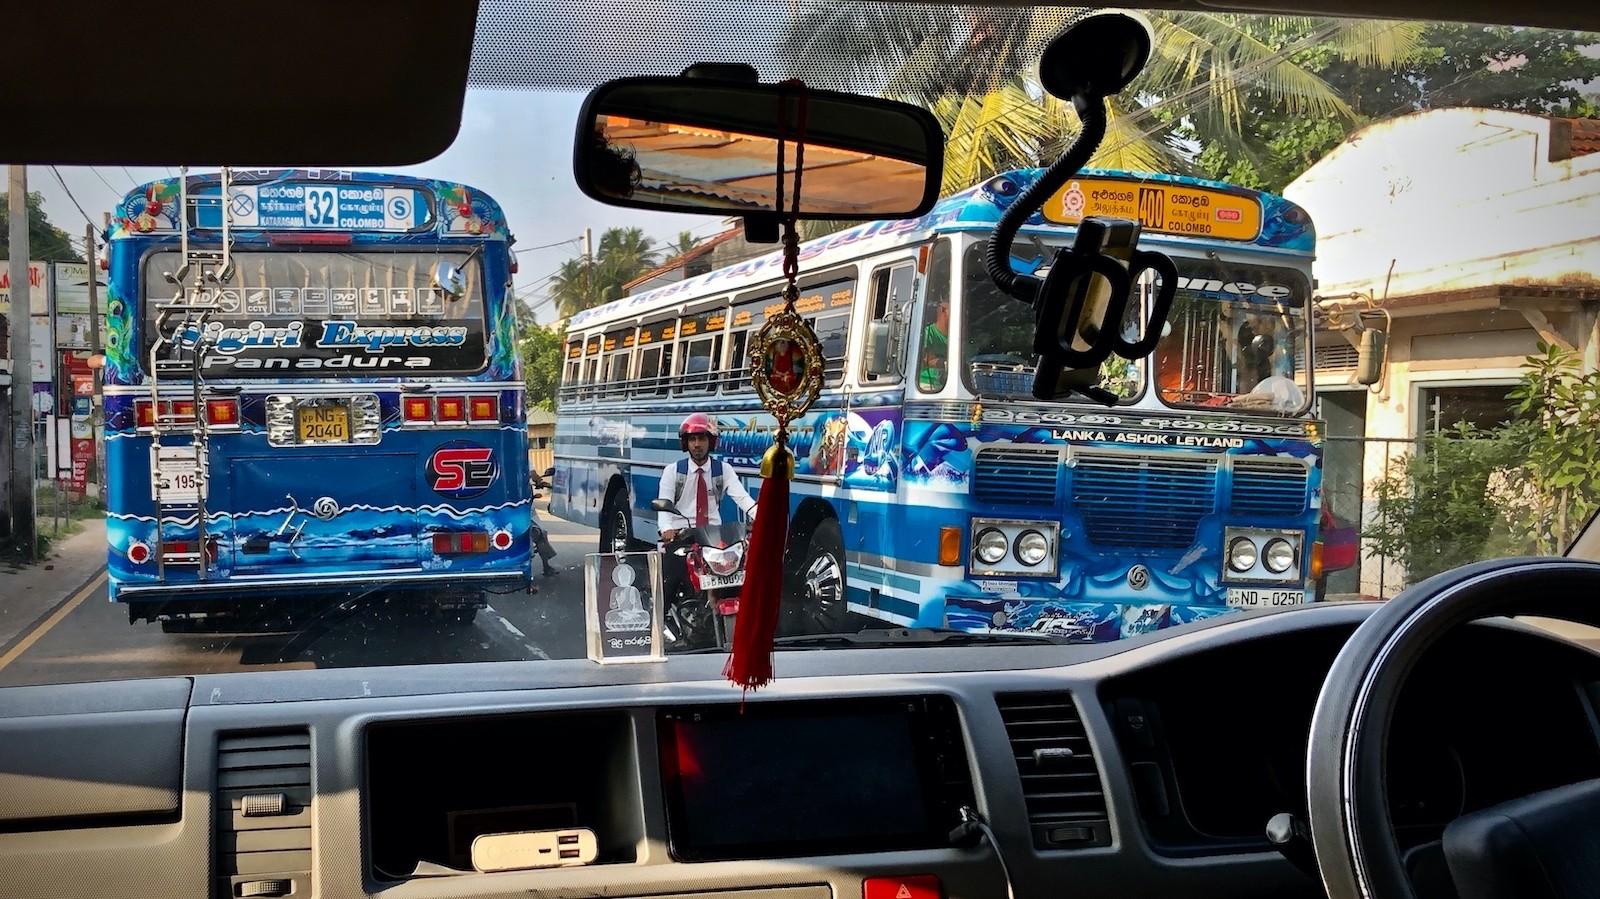 Die Überlandbusse sind die unumstrittenen Könige der Landstraßen